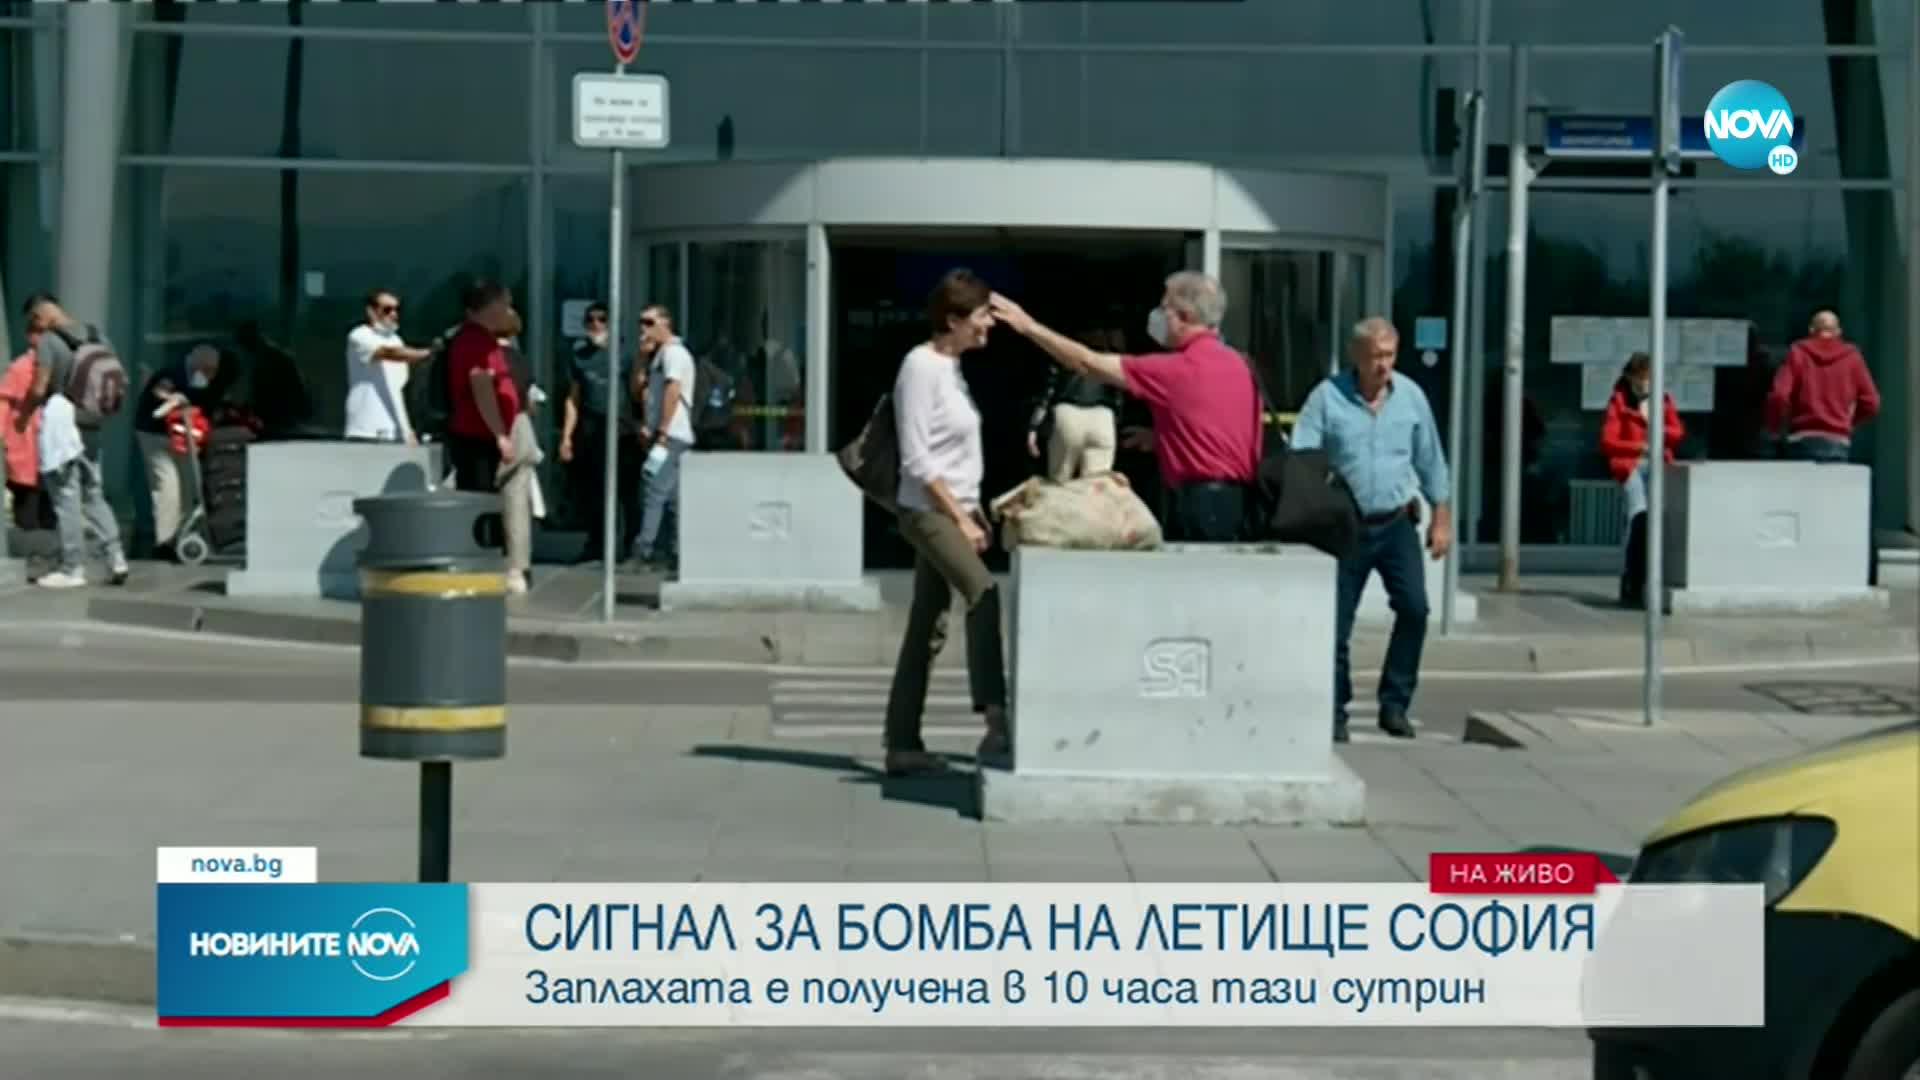 Сигнал за бомба на Летище София